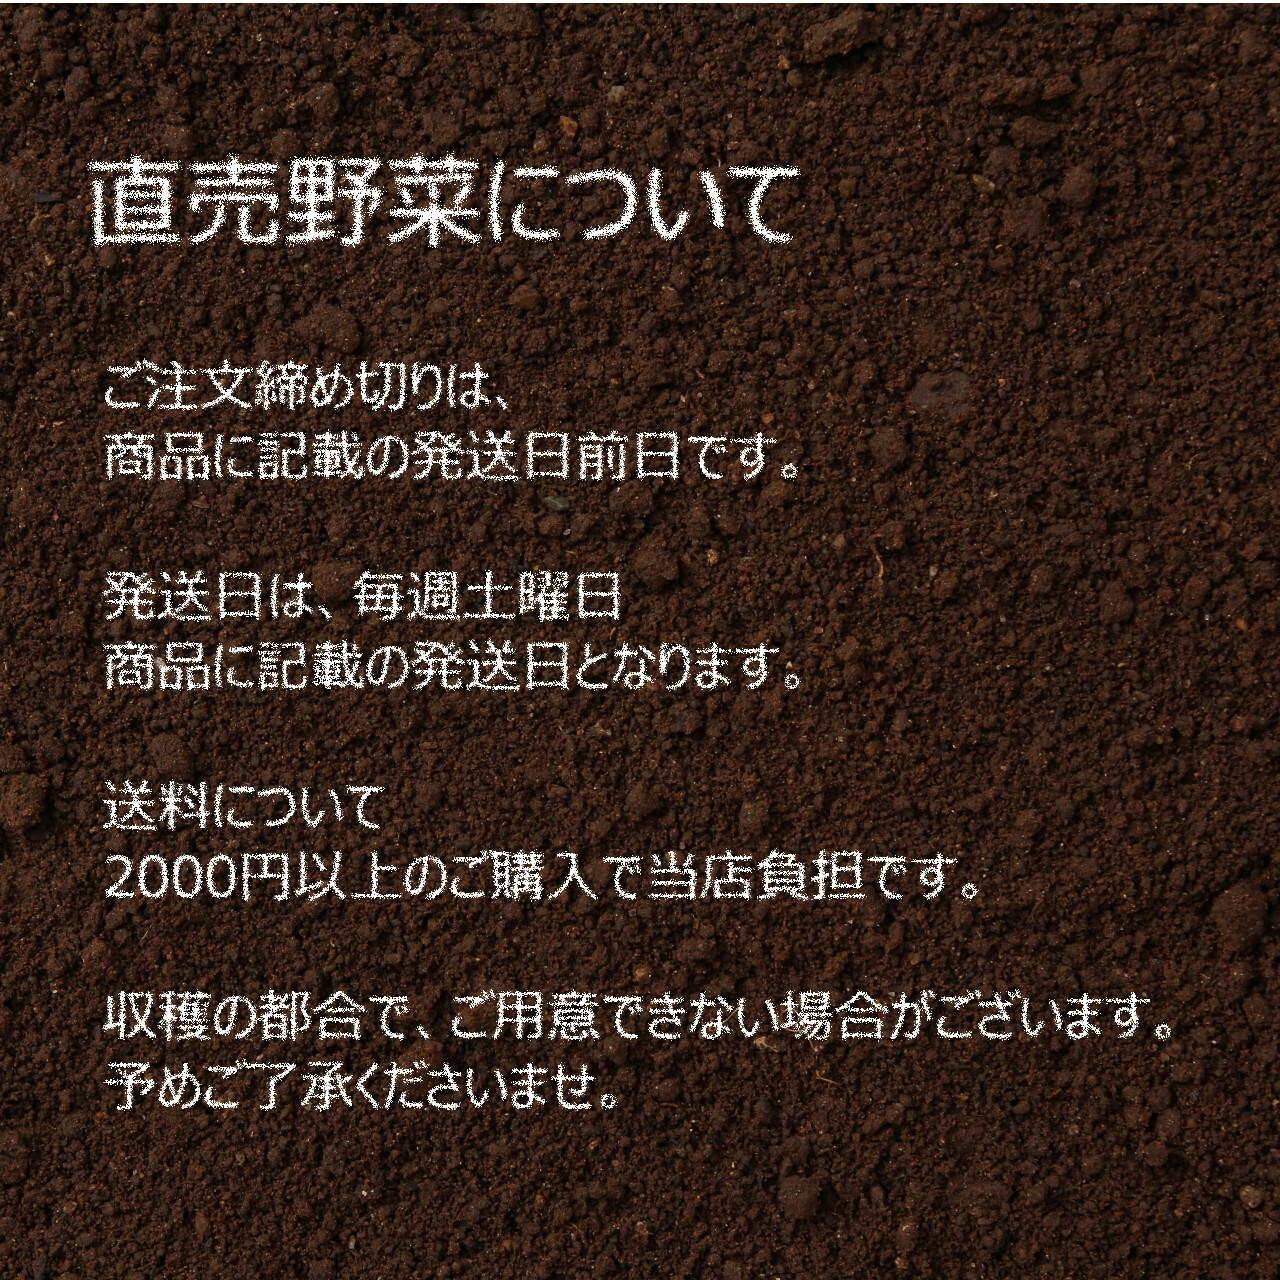 新鮮な秋野菜 : ピーマン 約250g 9月の朝採り直売野菜 9月26日発送予定